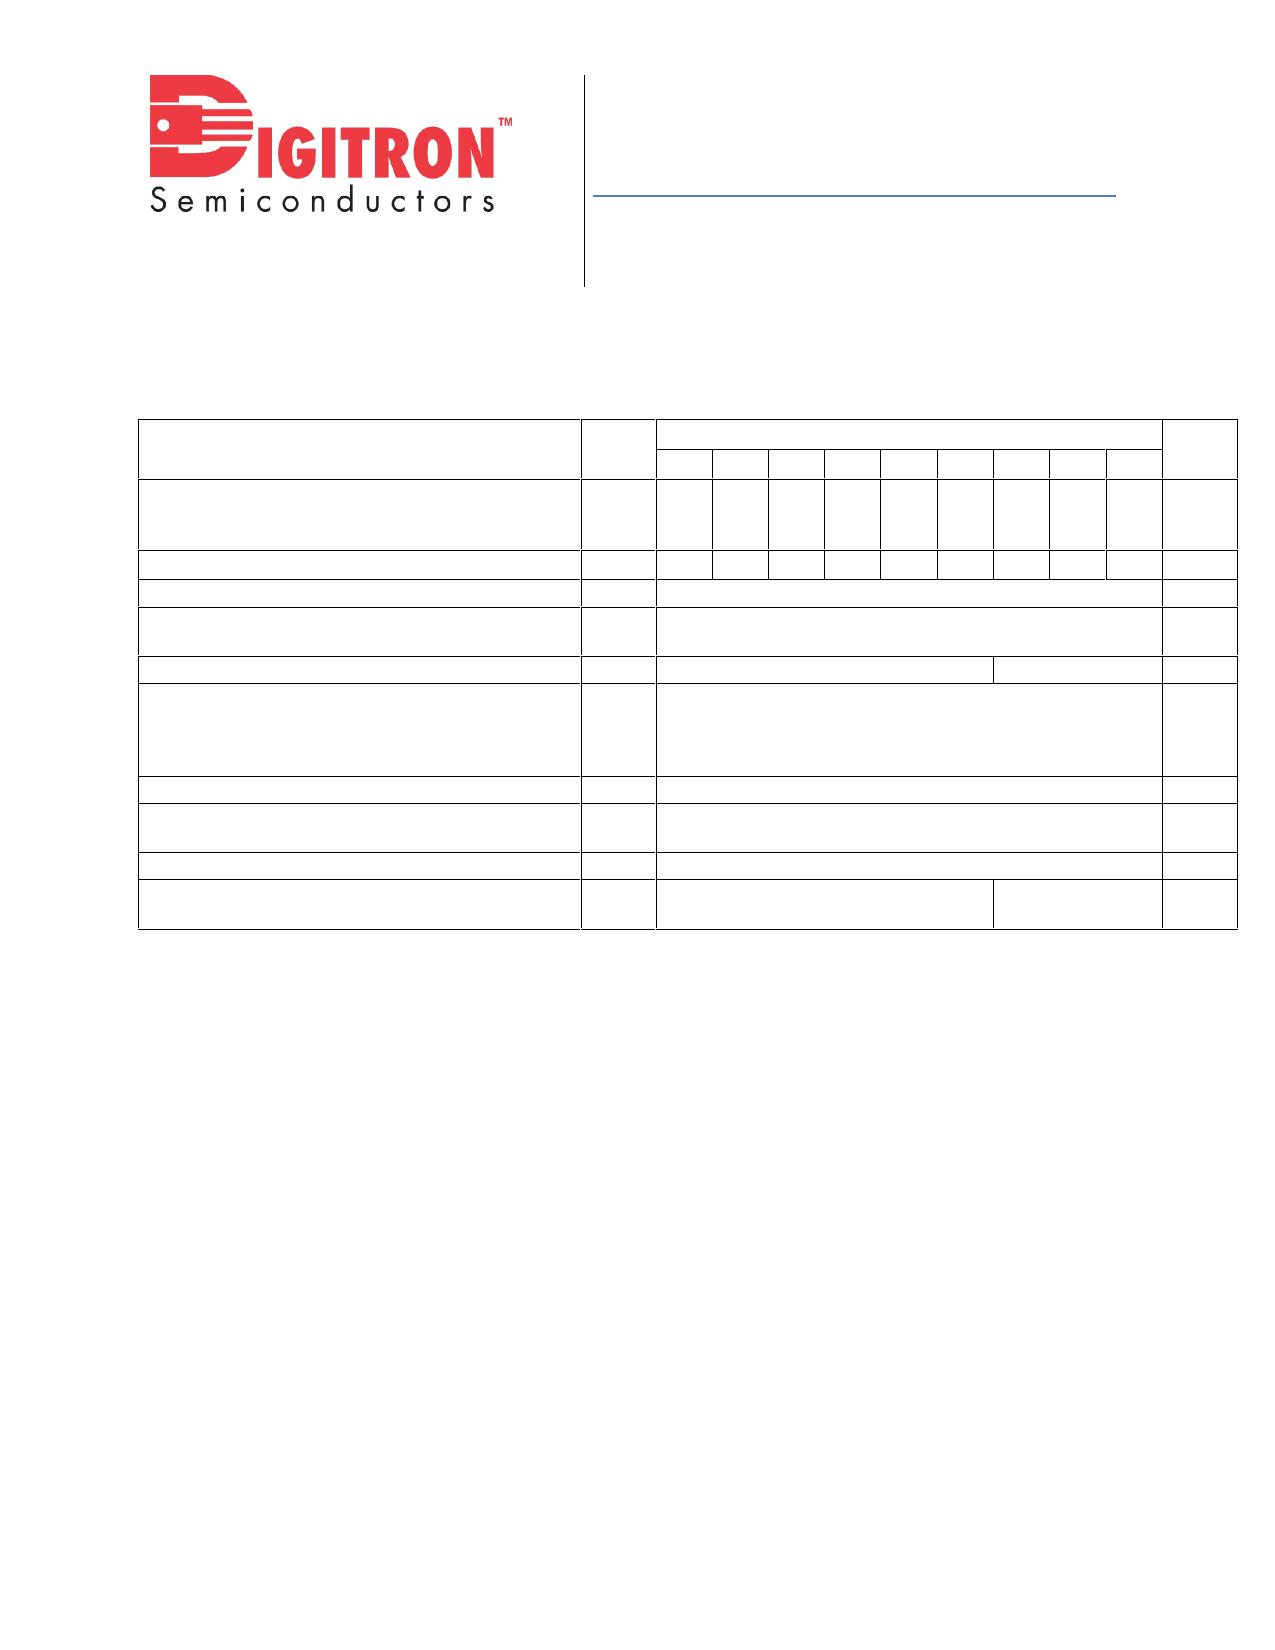 UFR108 데이터시트 및 UFR108 PDF